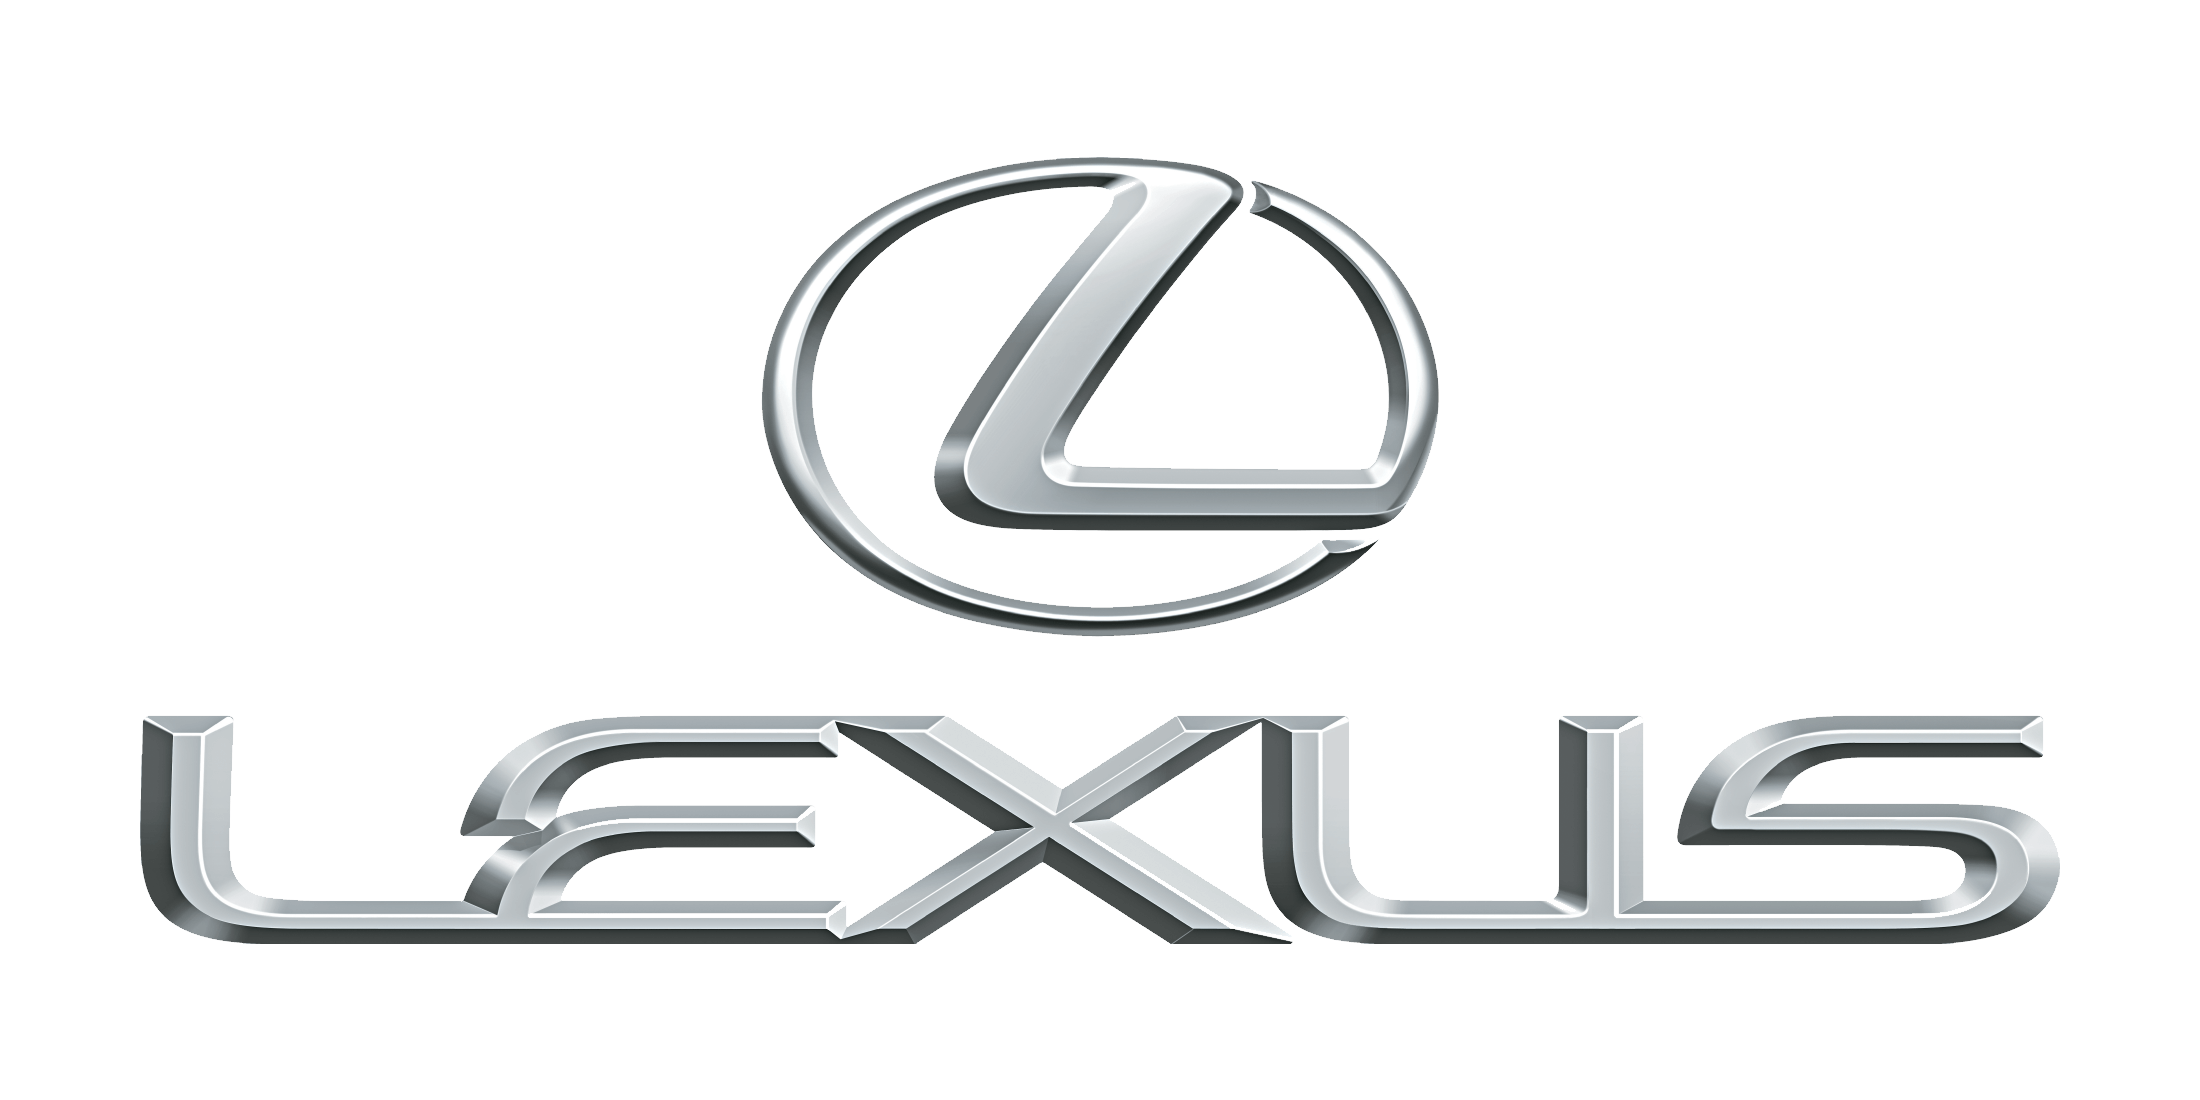 Lexus Logos PNG Image